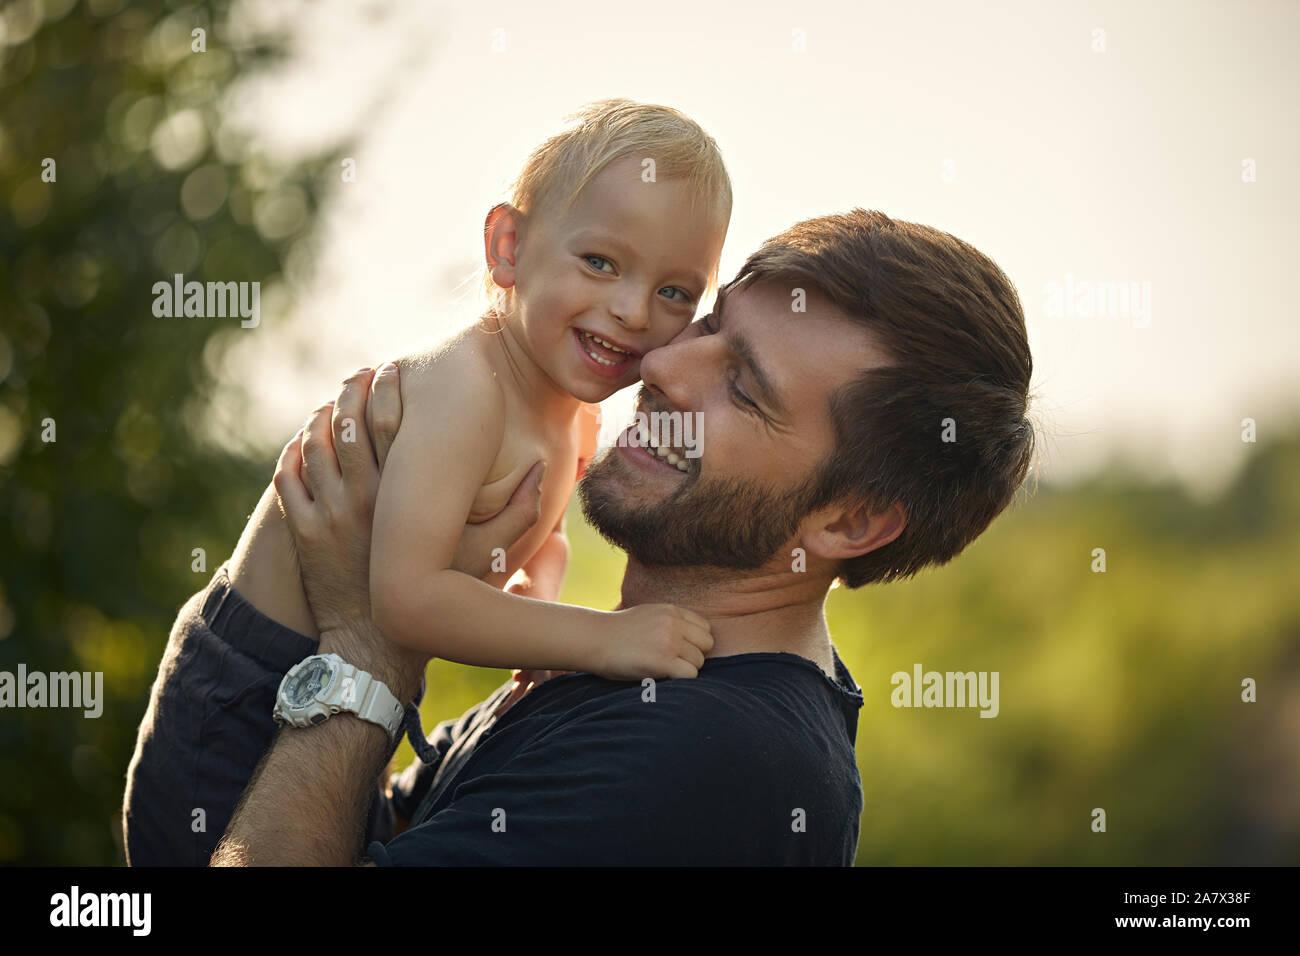 Closeup portrait of a smiling father carrying son fils bien-aimé Banque D'Images